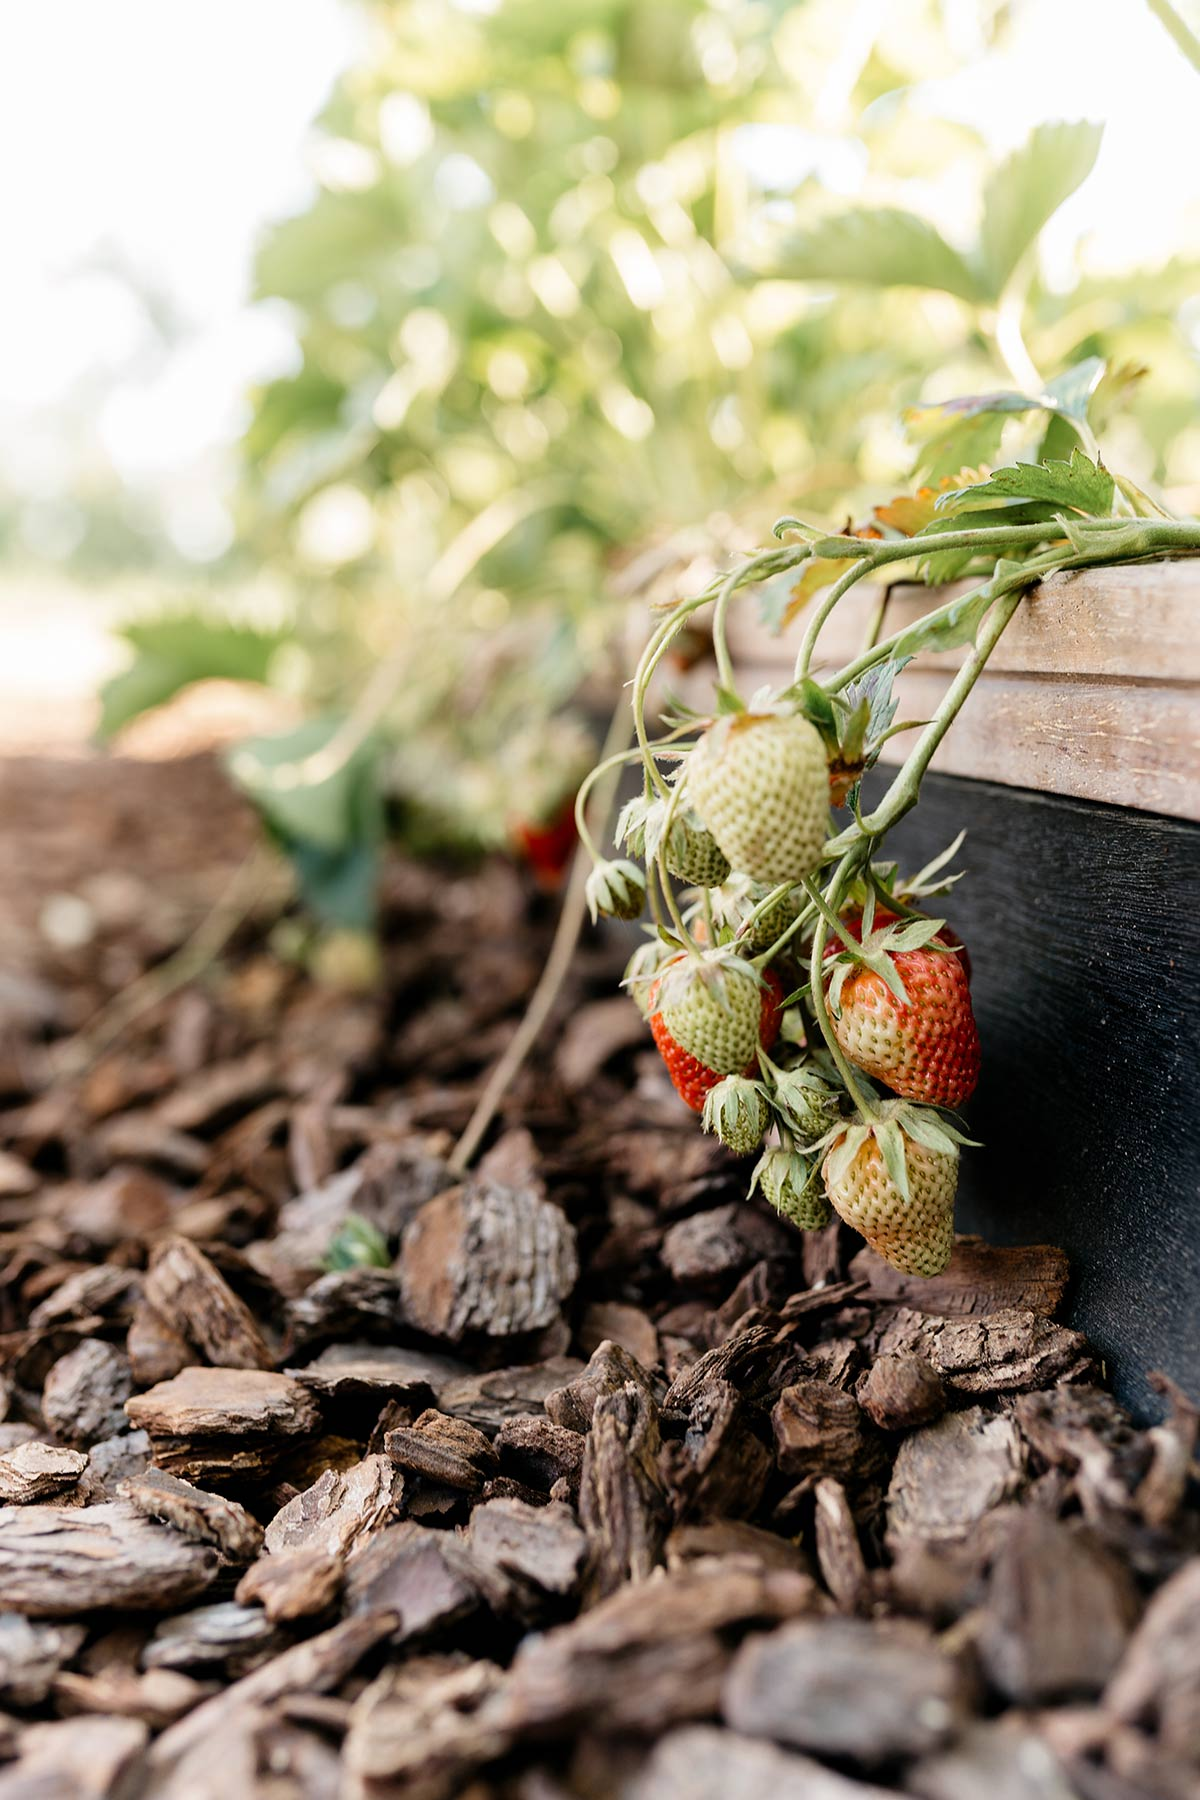 aardbeien moestuin - Tanja van Hoogdalem